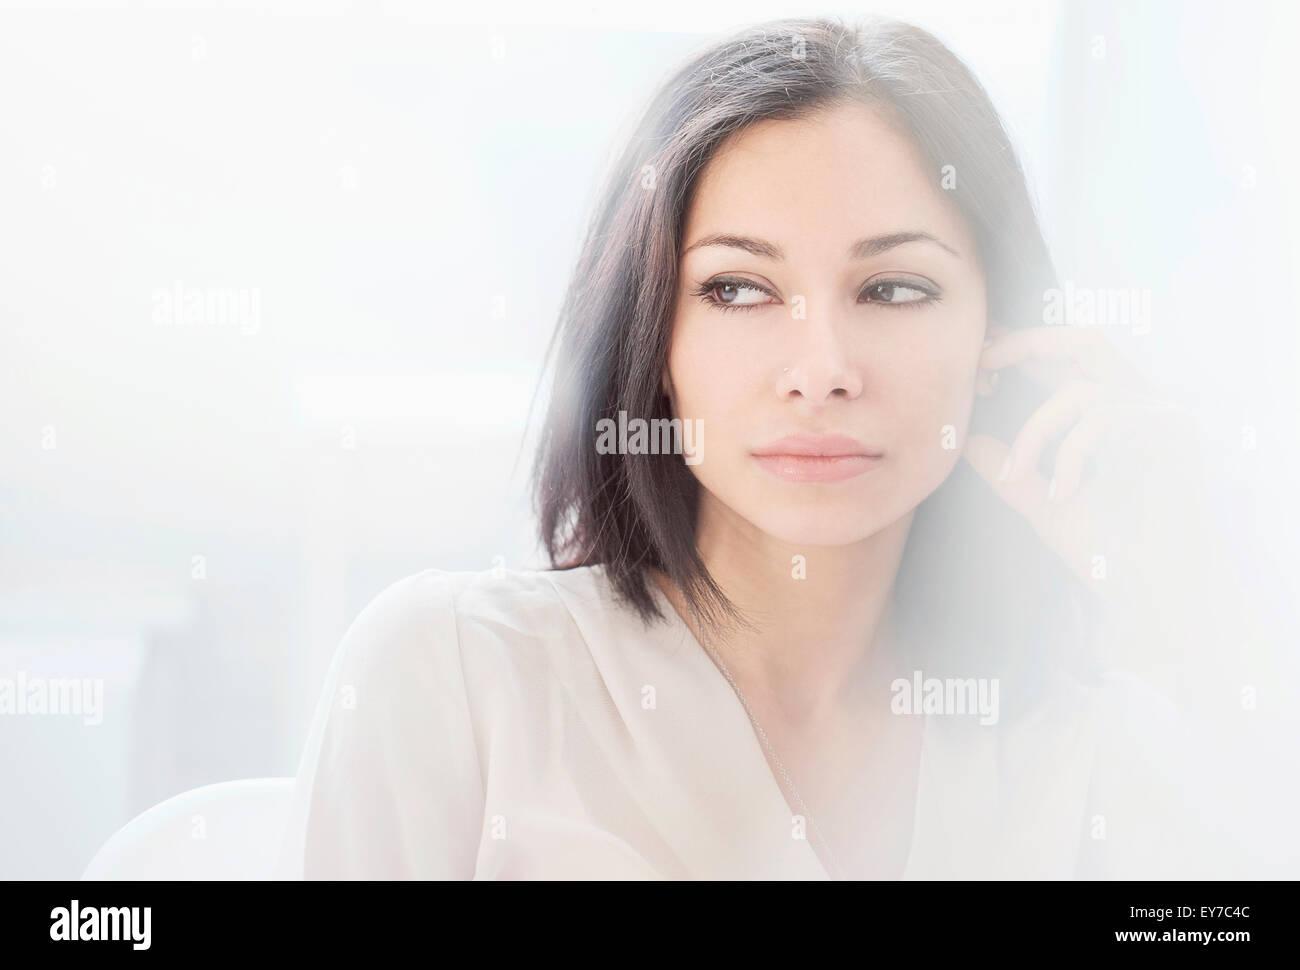 Portrait de femme brune Photo Stock